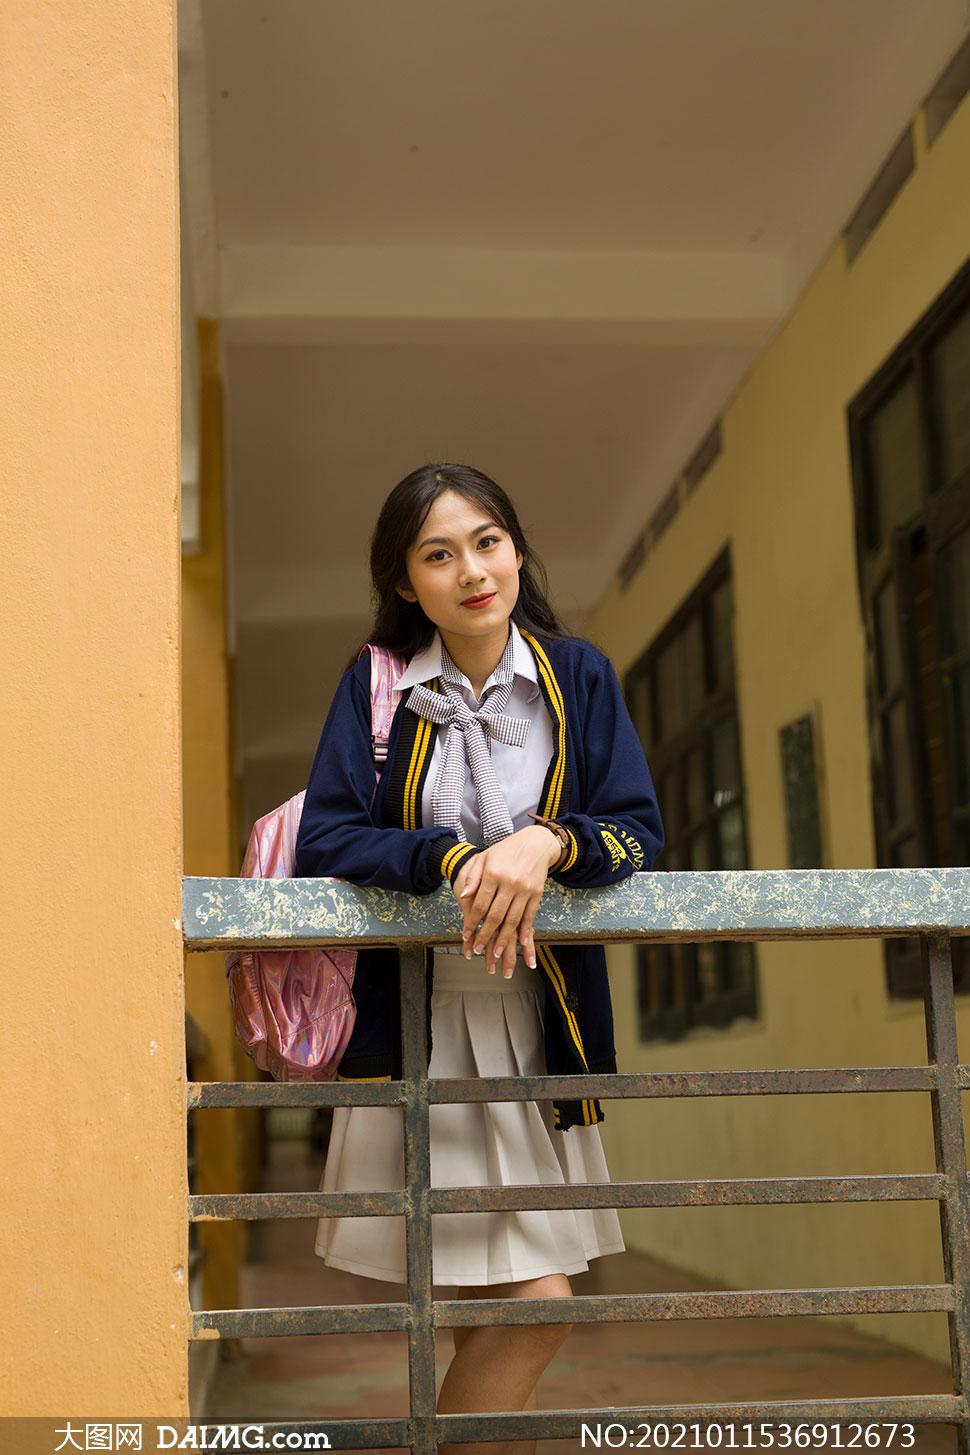 背书包靠着栏杆的女生写真摄影原片